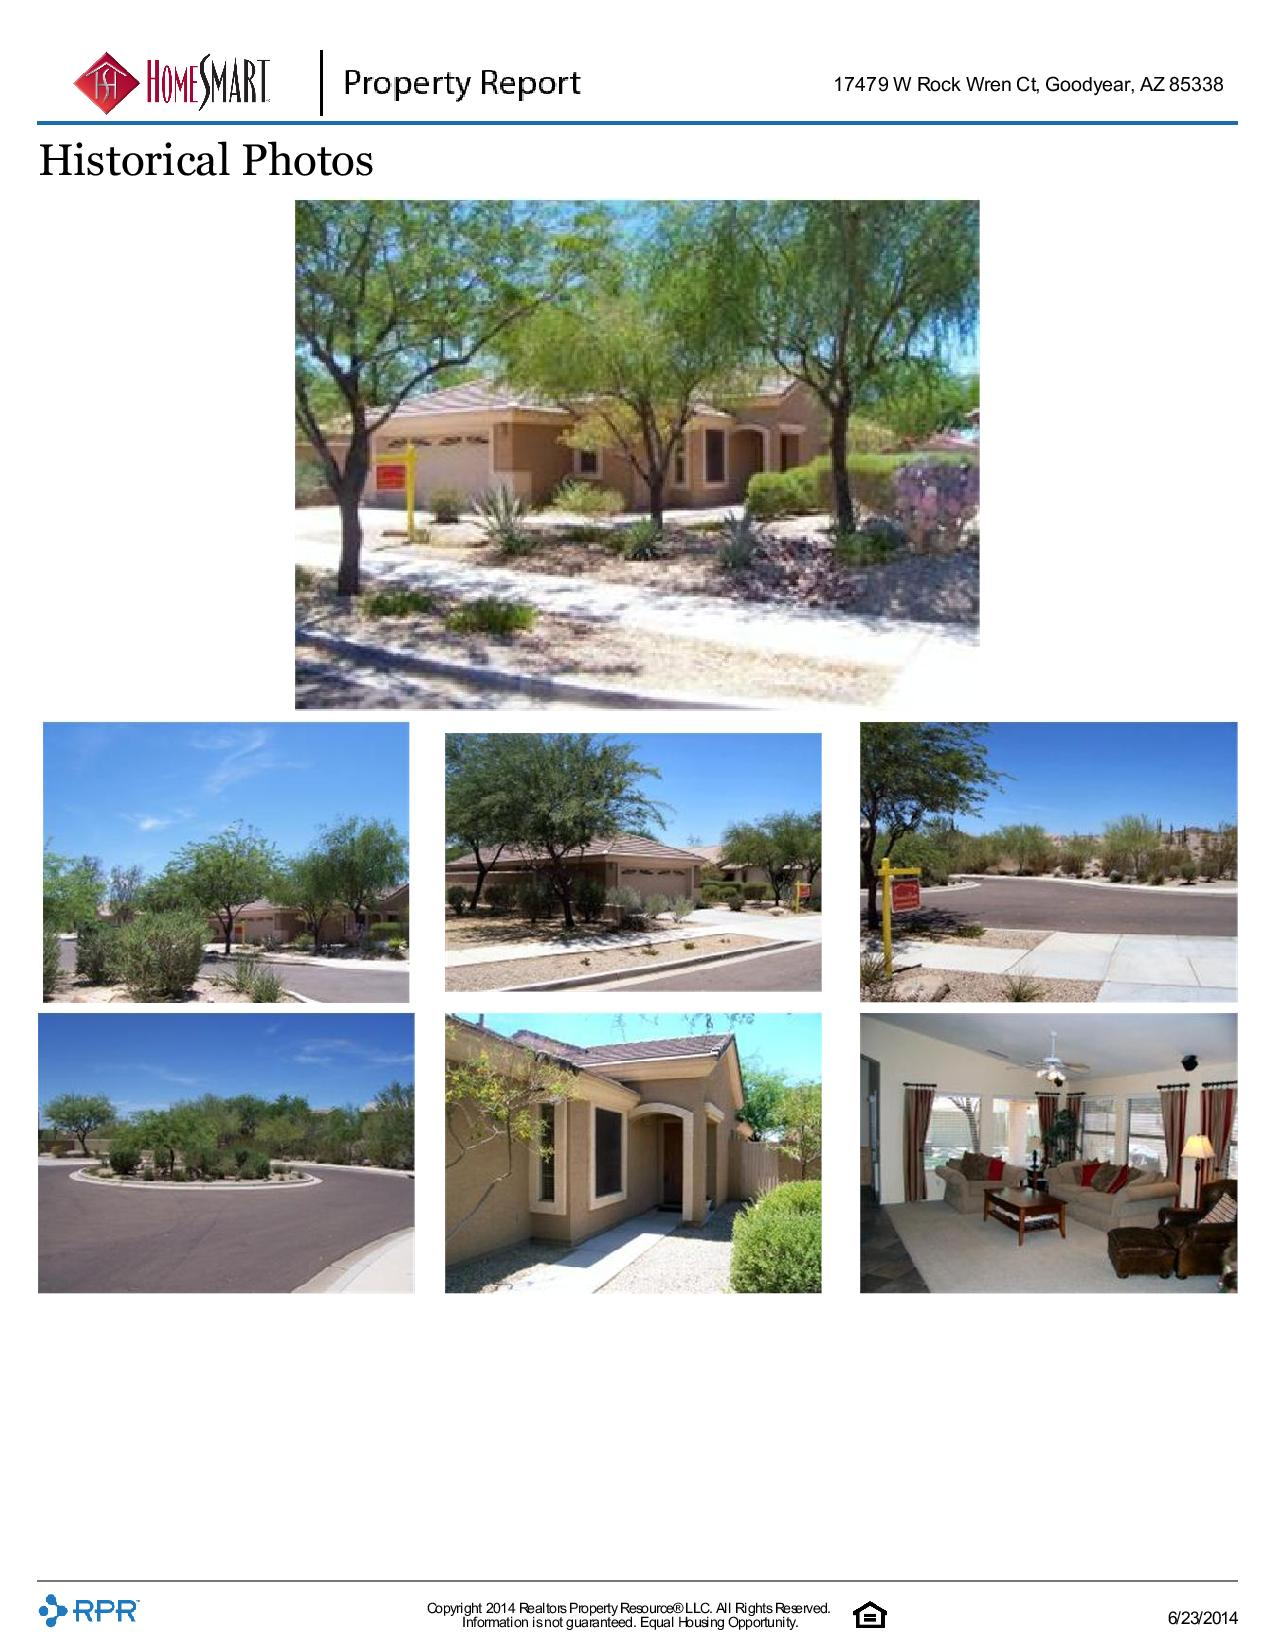 17479-W-Rock-Wren-Ct-Goodyear-AZ-85338-page-007